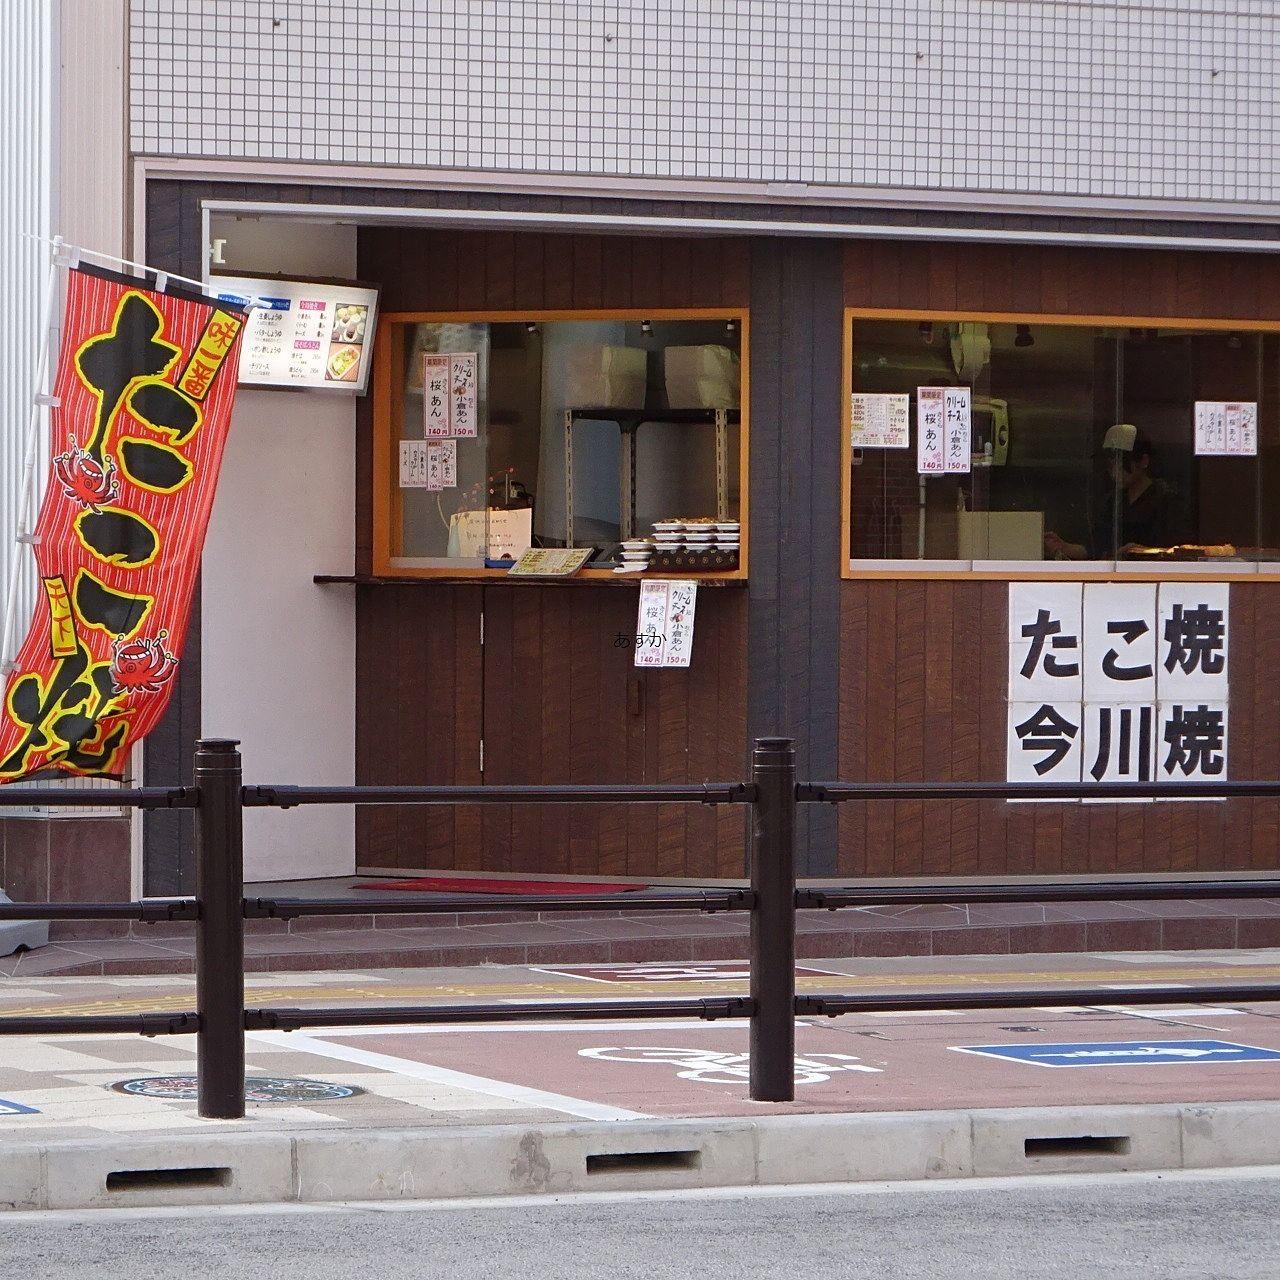 北口ロータリー前のたこ焼き、今川焼きのお店「和ちやさん」